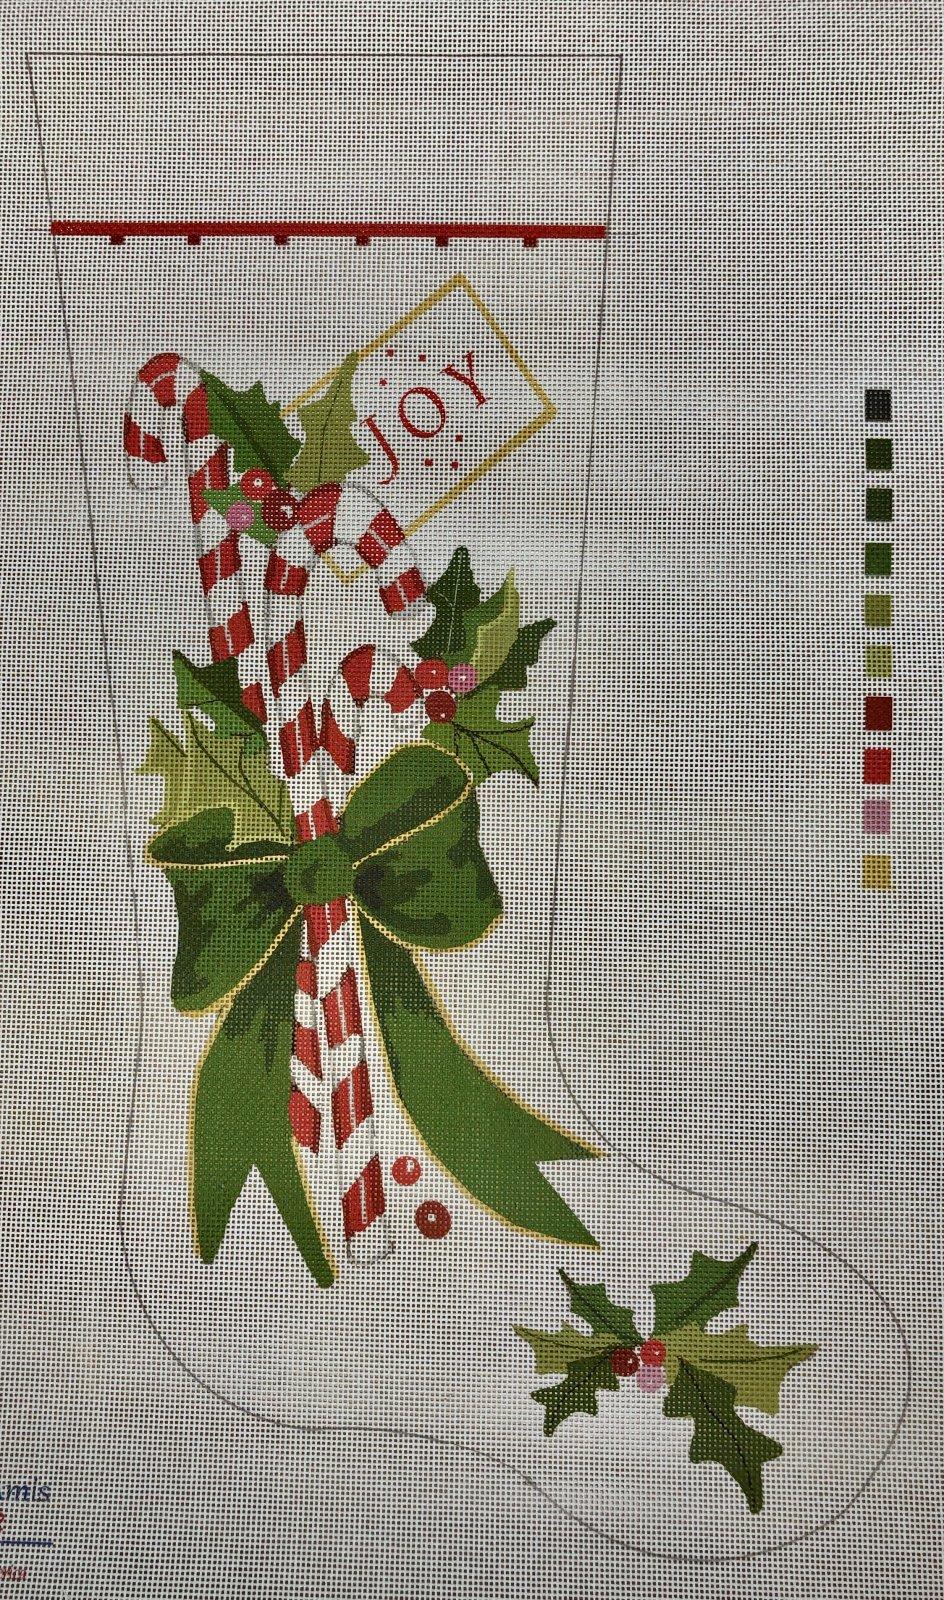 joy candy cane stocking